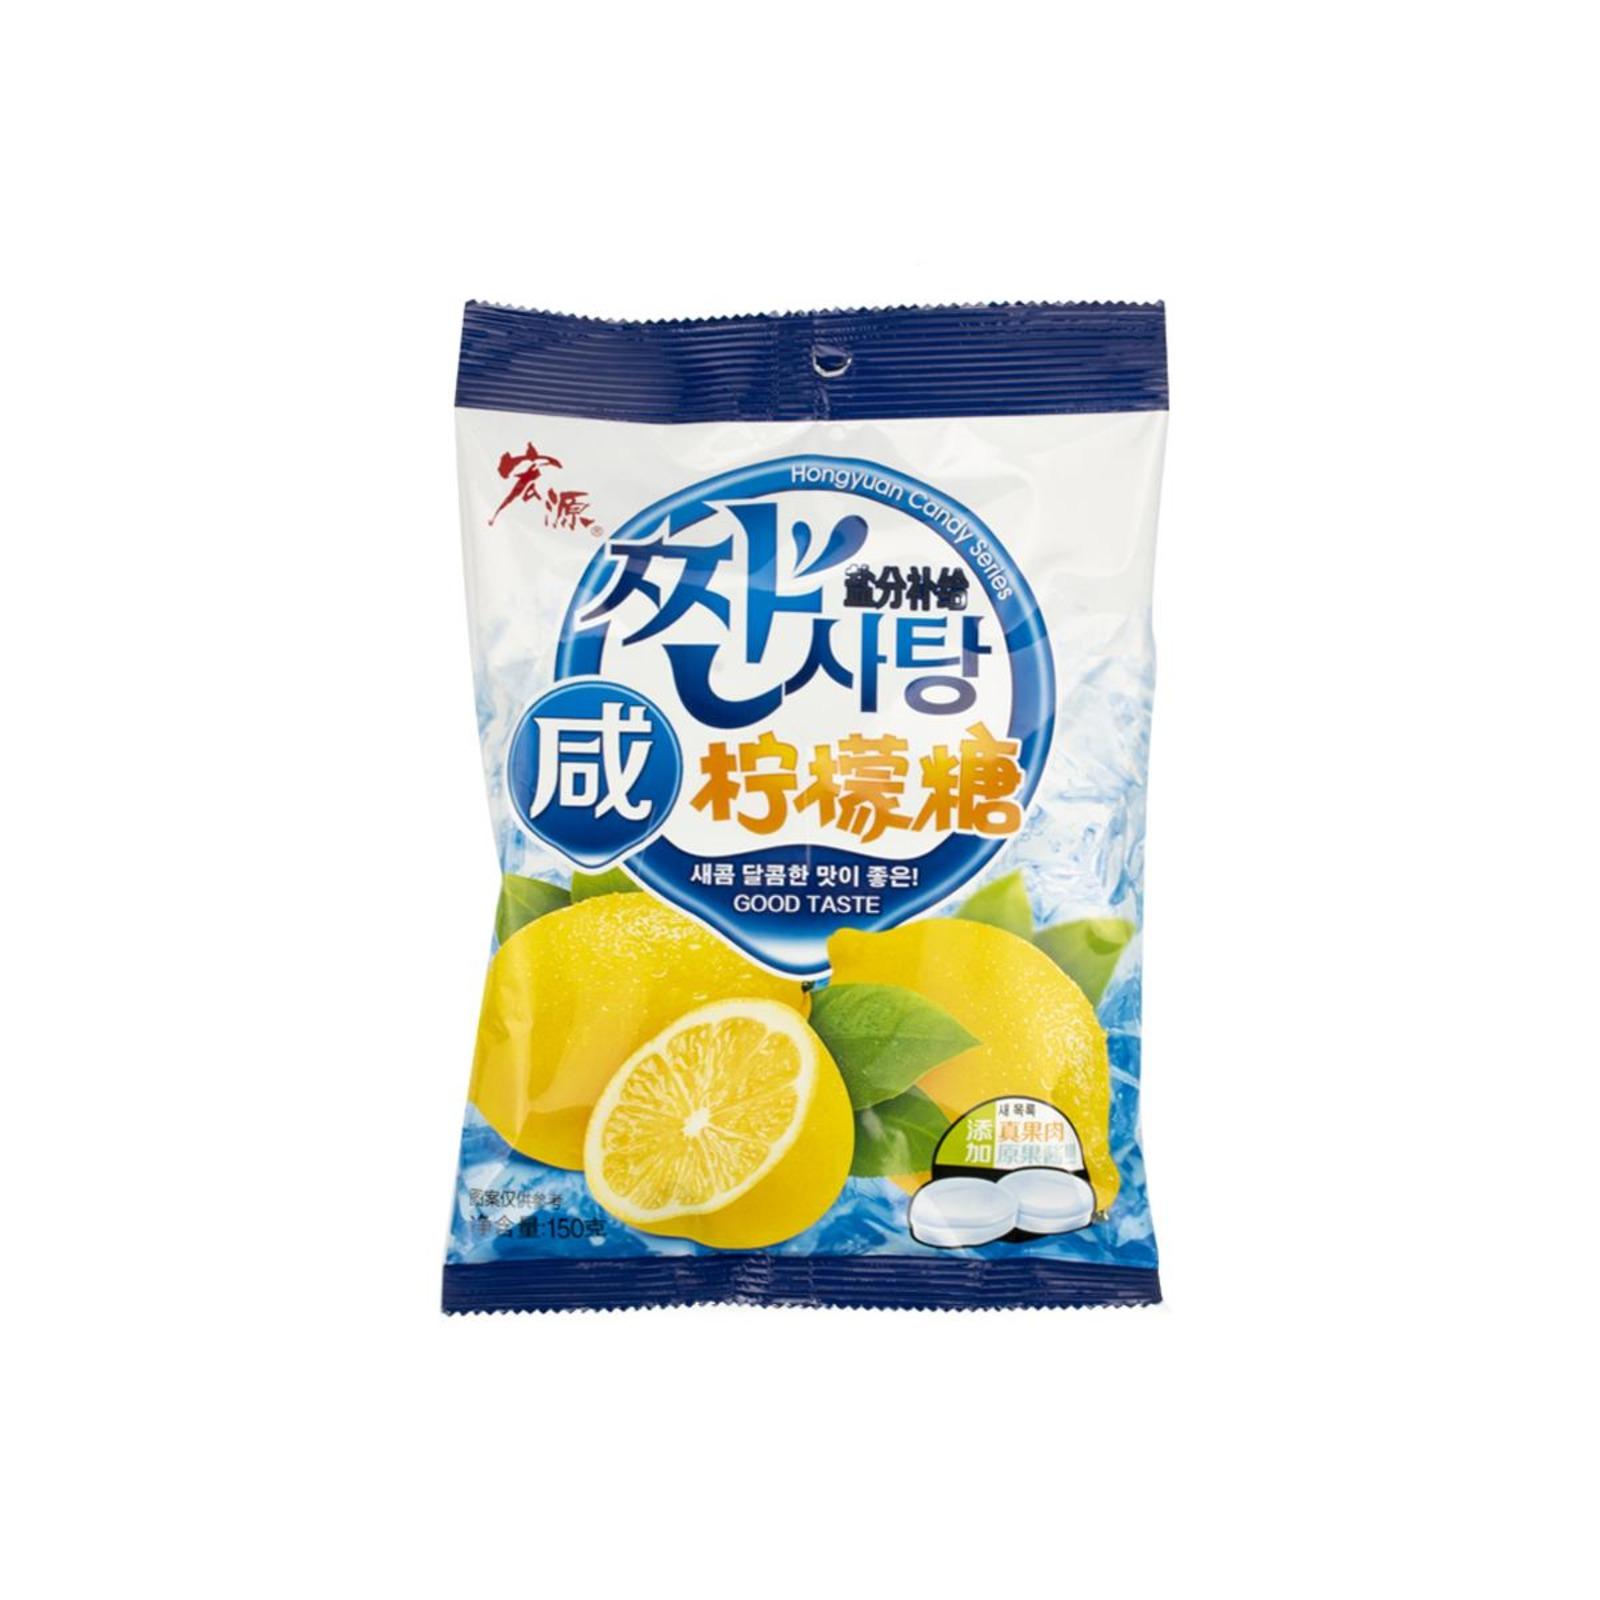 Hongyuan Salt Candy - Lemon